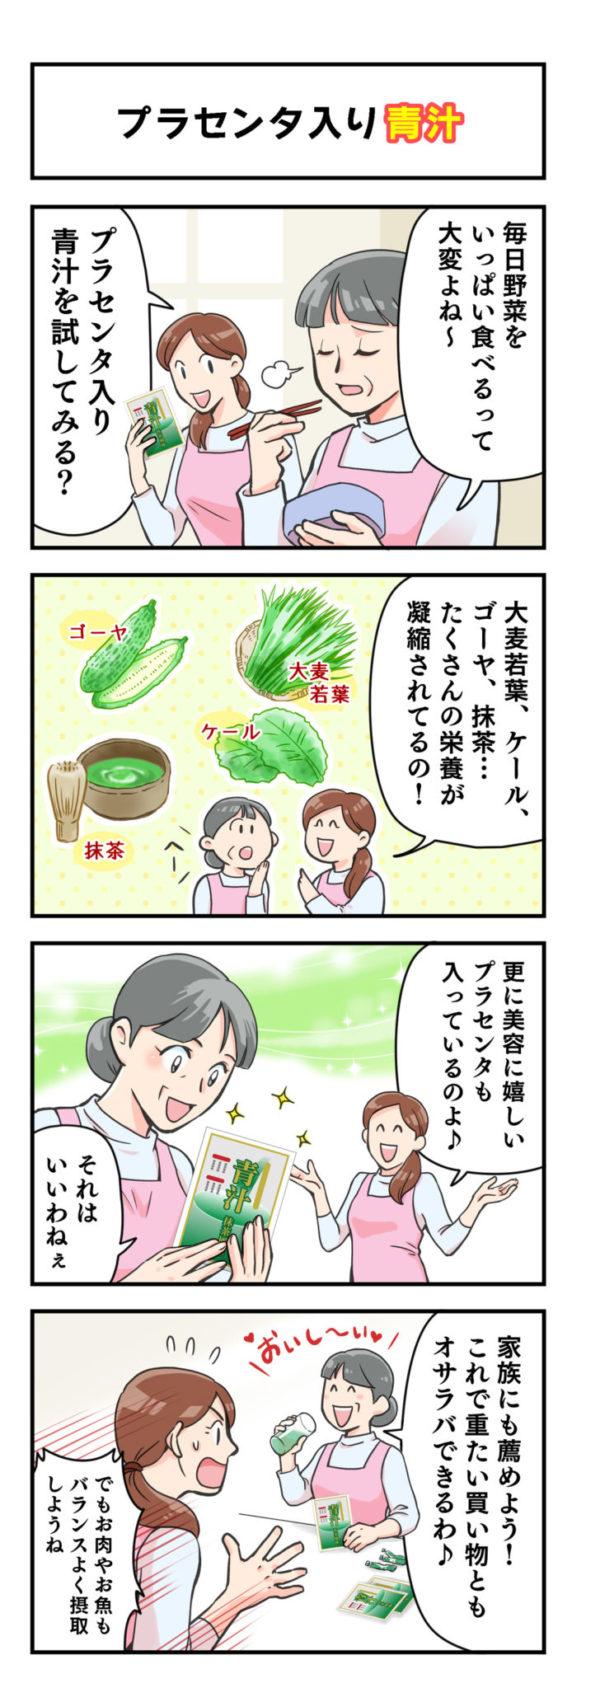 「プラセンタ入り青汁」商品紹介マンガ